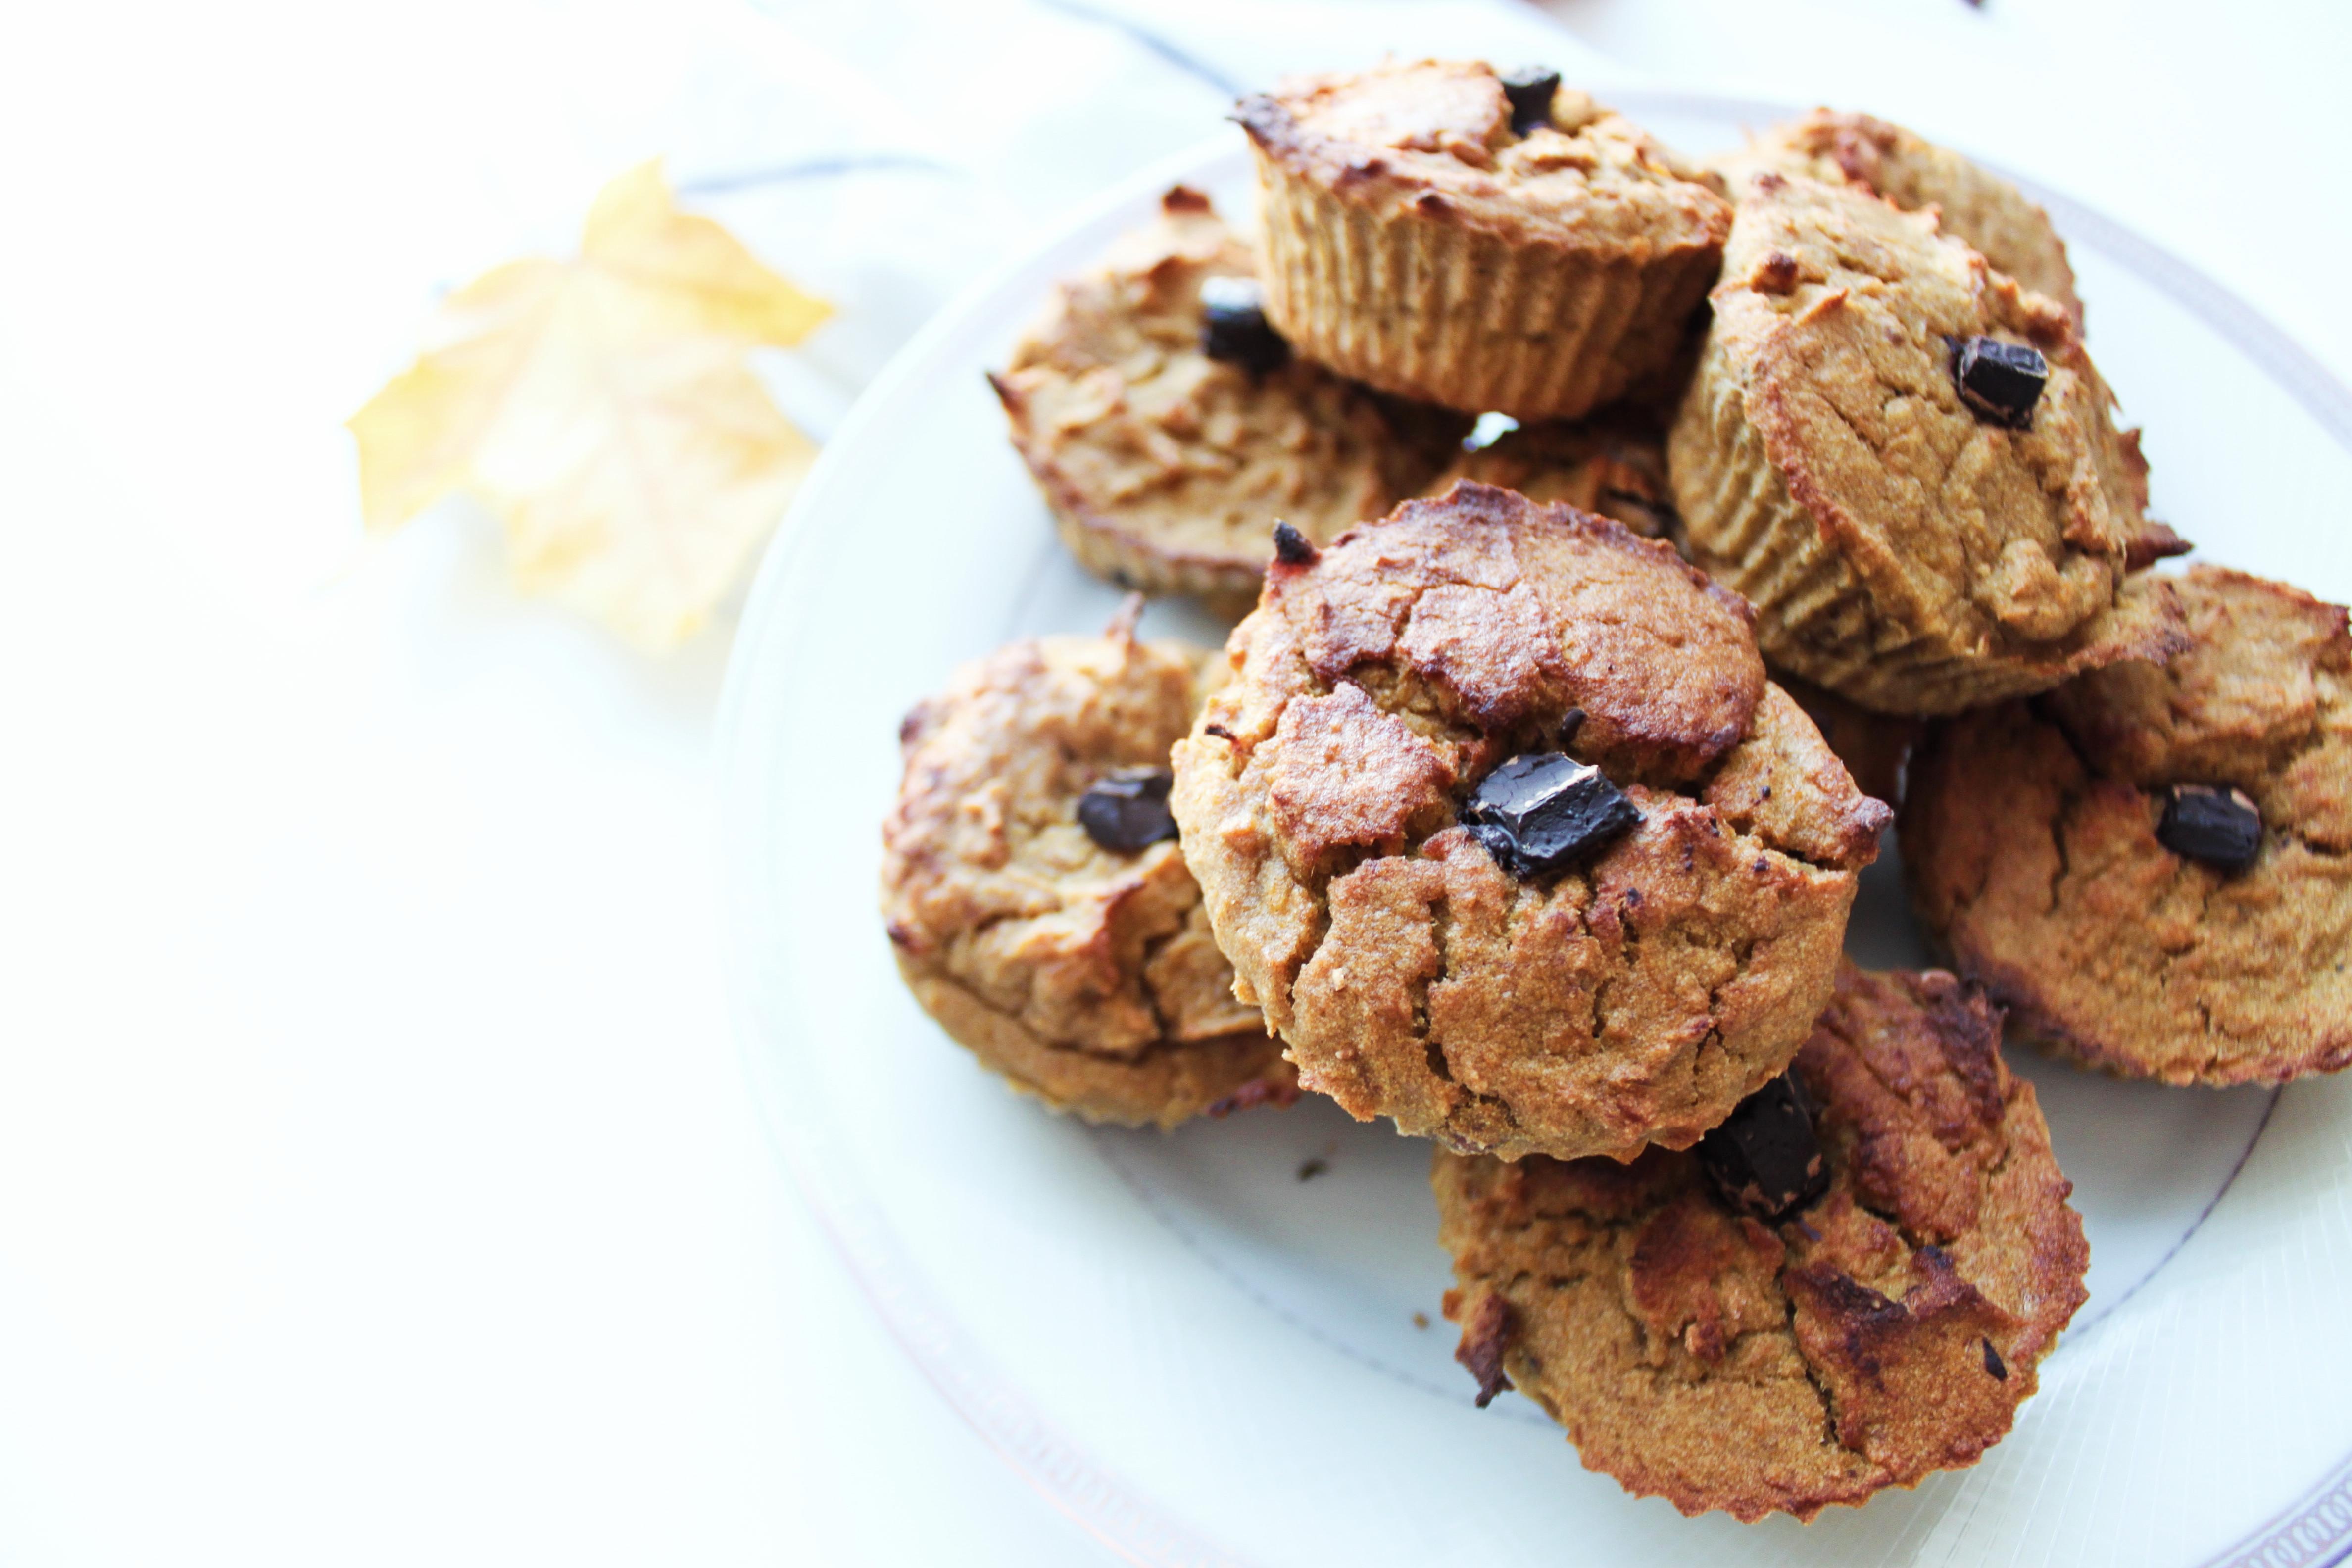 szybki i prosty sposób na bezglutenowe muffiny dyniowe